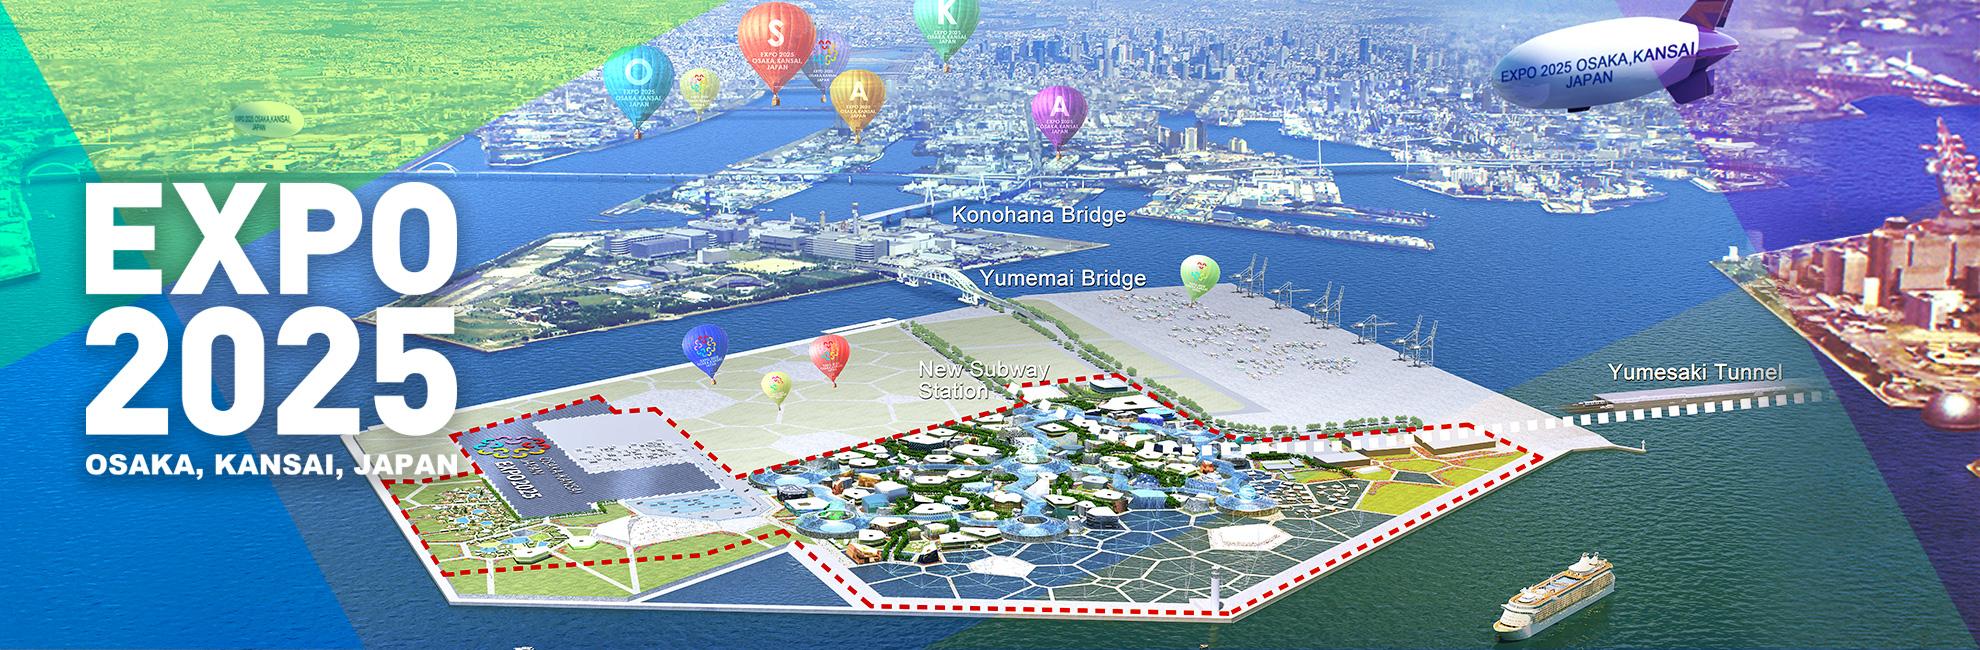 【祝!大阪万博決定!】これから起こる大阪メトロの変化について